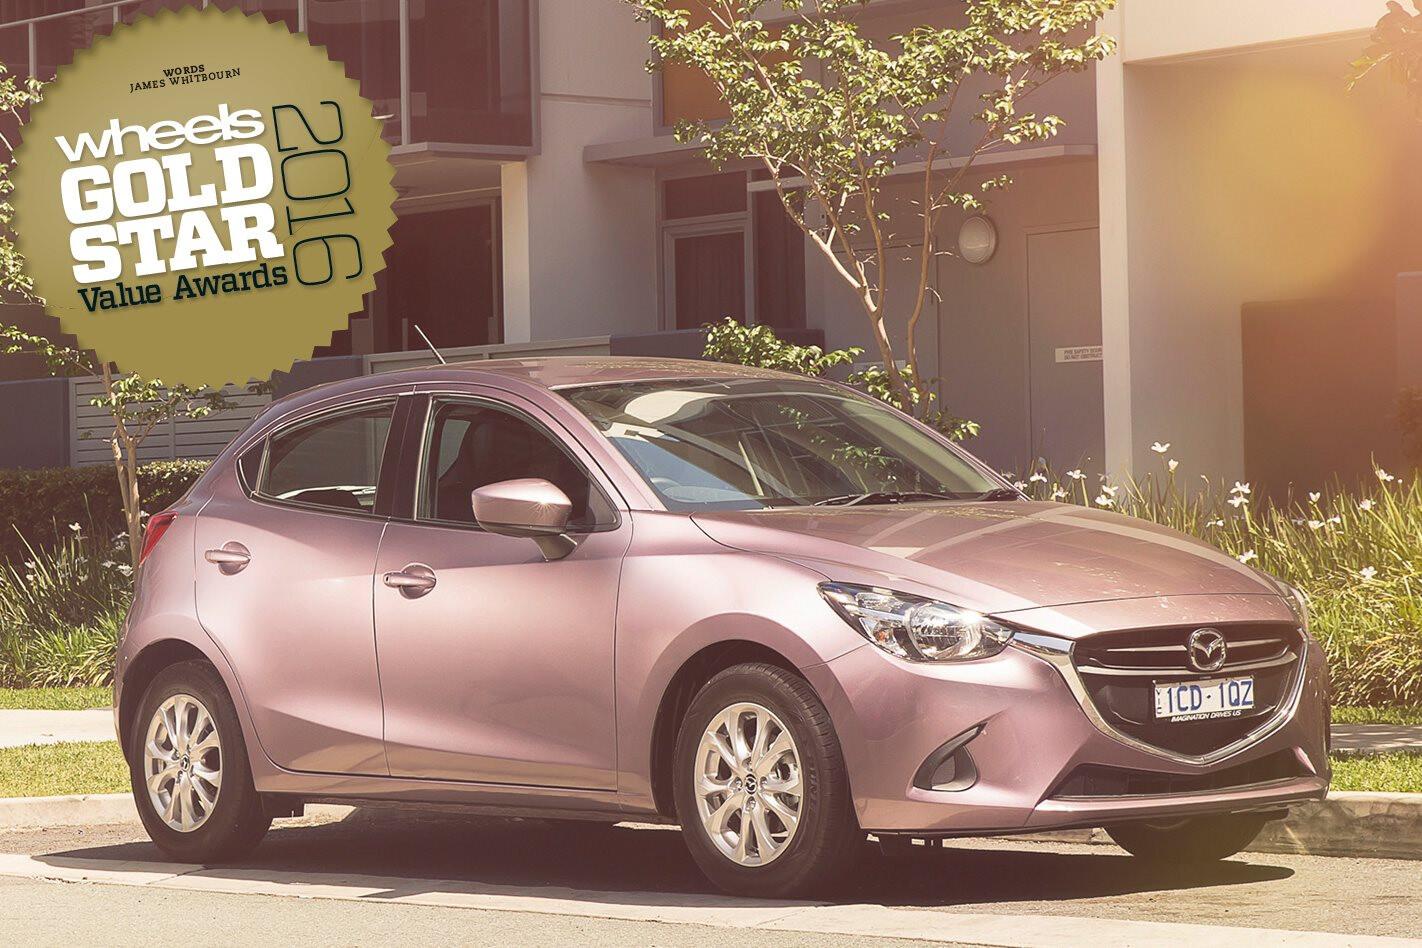 Australia's Best Value Light Cars $17K to $25K